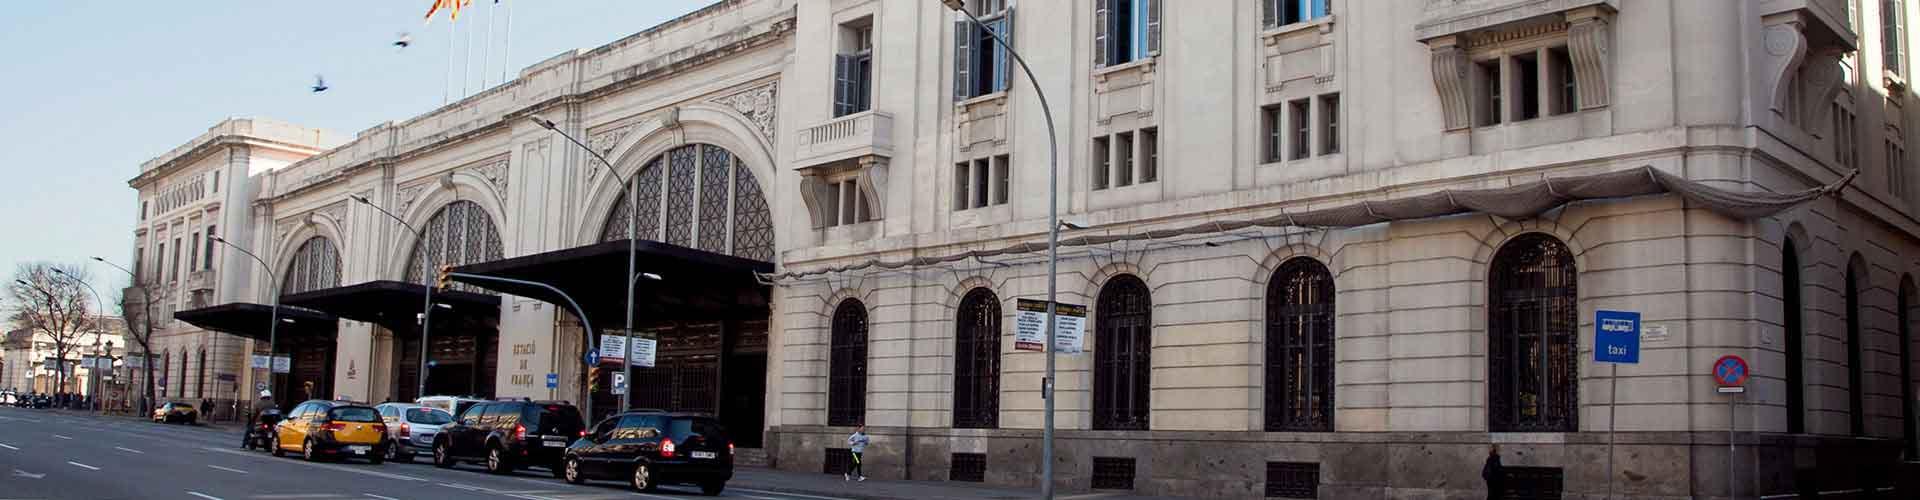 巴塞罗那 – 弗兰卡站 附近的青年旅舍。巴塞罗那地图,巴塞罗那 所有青年旅馆的照片和评分。